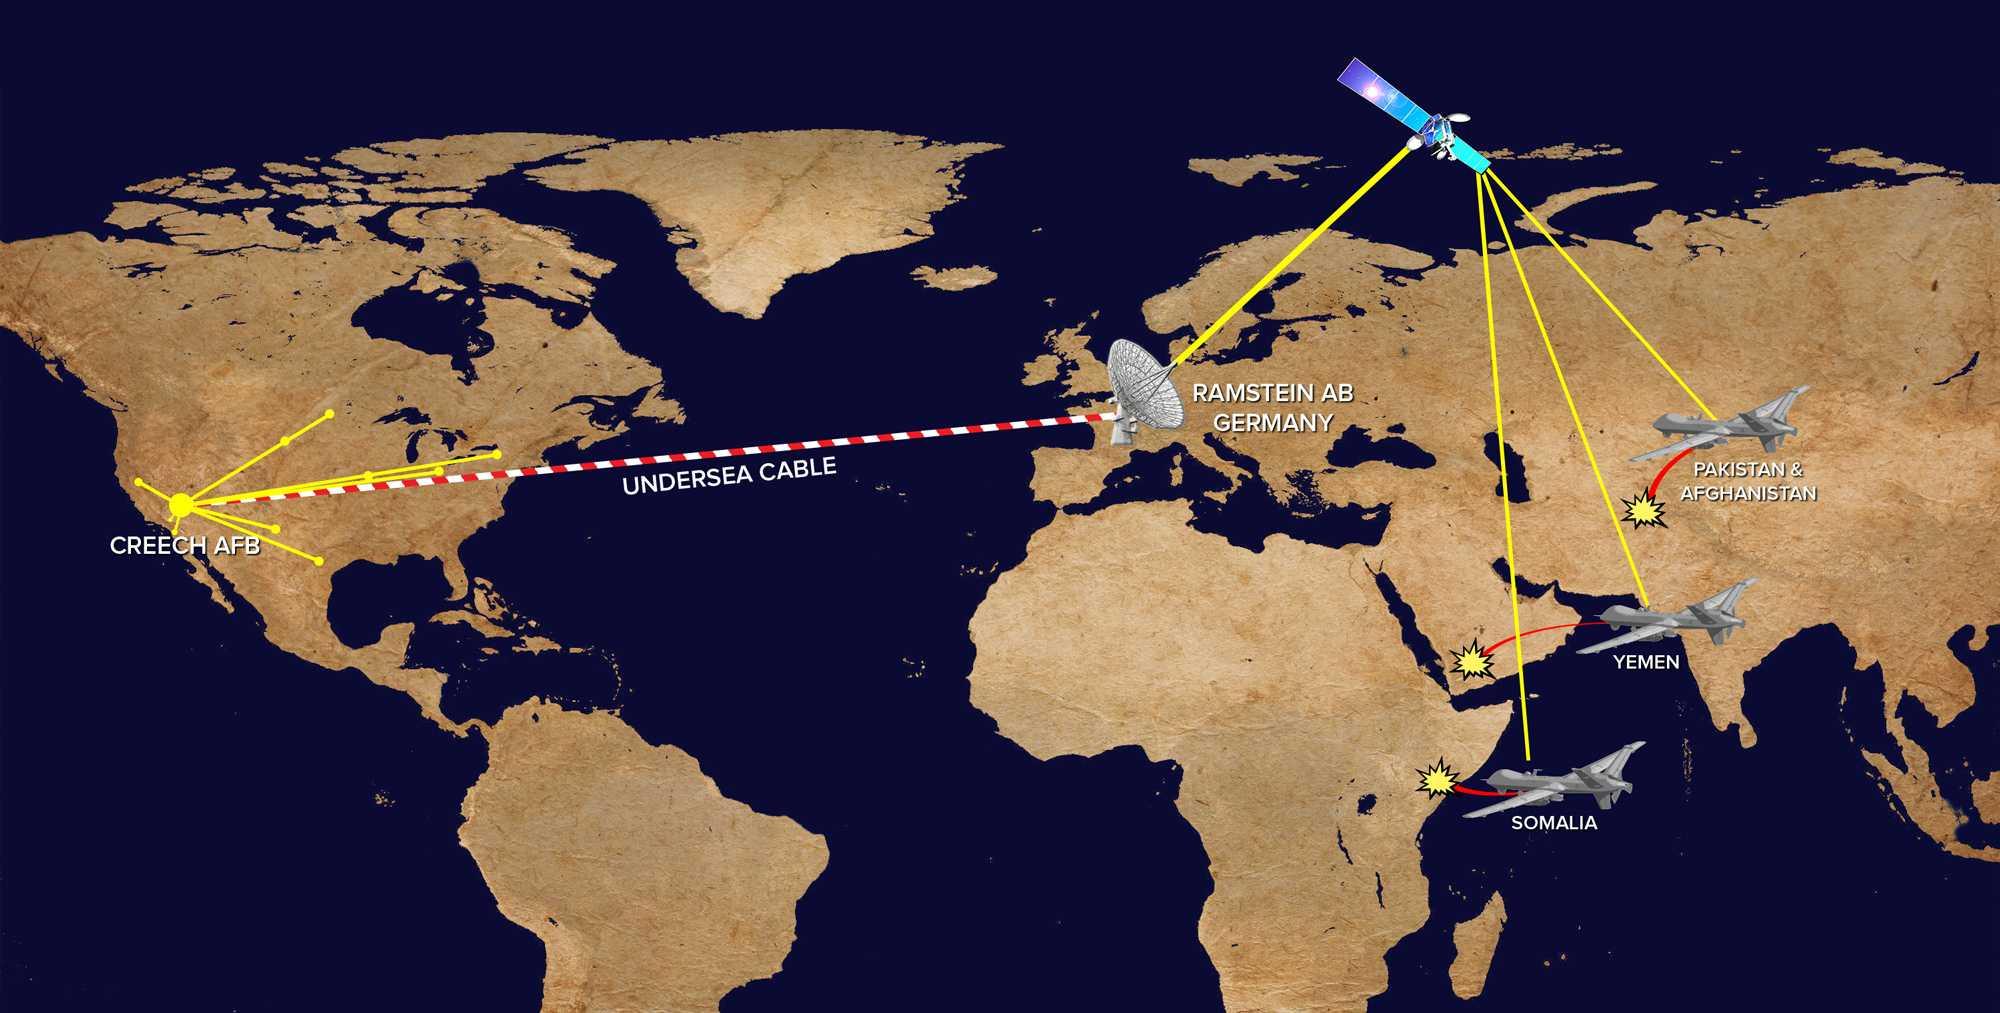 NOAM CHOMSKY: <i>&#8220;CEA MAI GRAVA CAMPANIE TERORISTA DIN LUME A FOST ORCHESTRATA LA WASHINGTON&#8221;</i> (Video)/ Scandal diplomatic? RAZBOIUL DRONELOR este condus din RAMSTEIN, baza militara americana din GERMANIA/ Animozitati intre SUA si GERMANIA. SCHAUBLE da &#8220;verde&#8221; Greciei pentru acordul cu Rusia, MERKEL vede spatiu comun <i>&#8220;din Vladivostok până la Lisabona&#8221;</i>